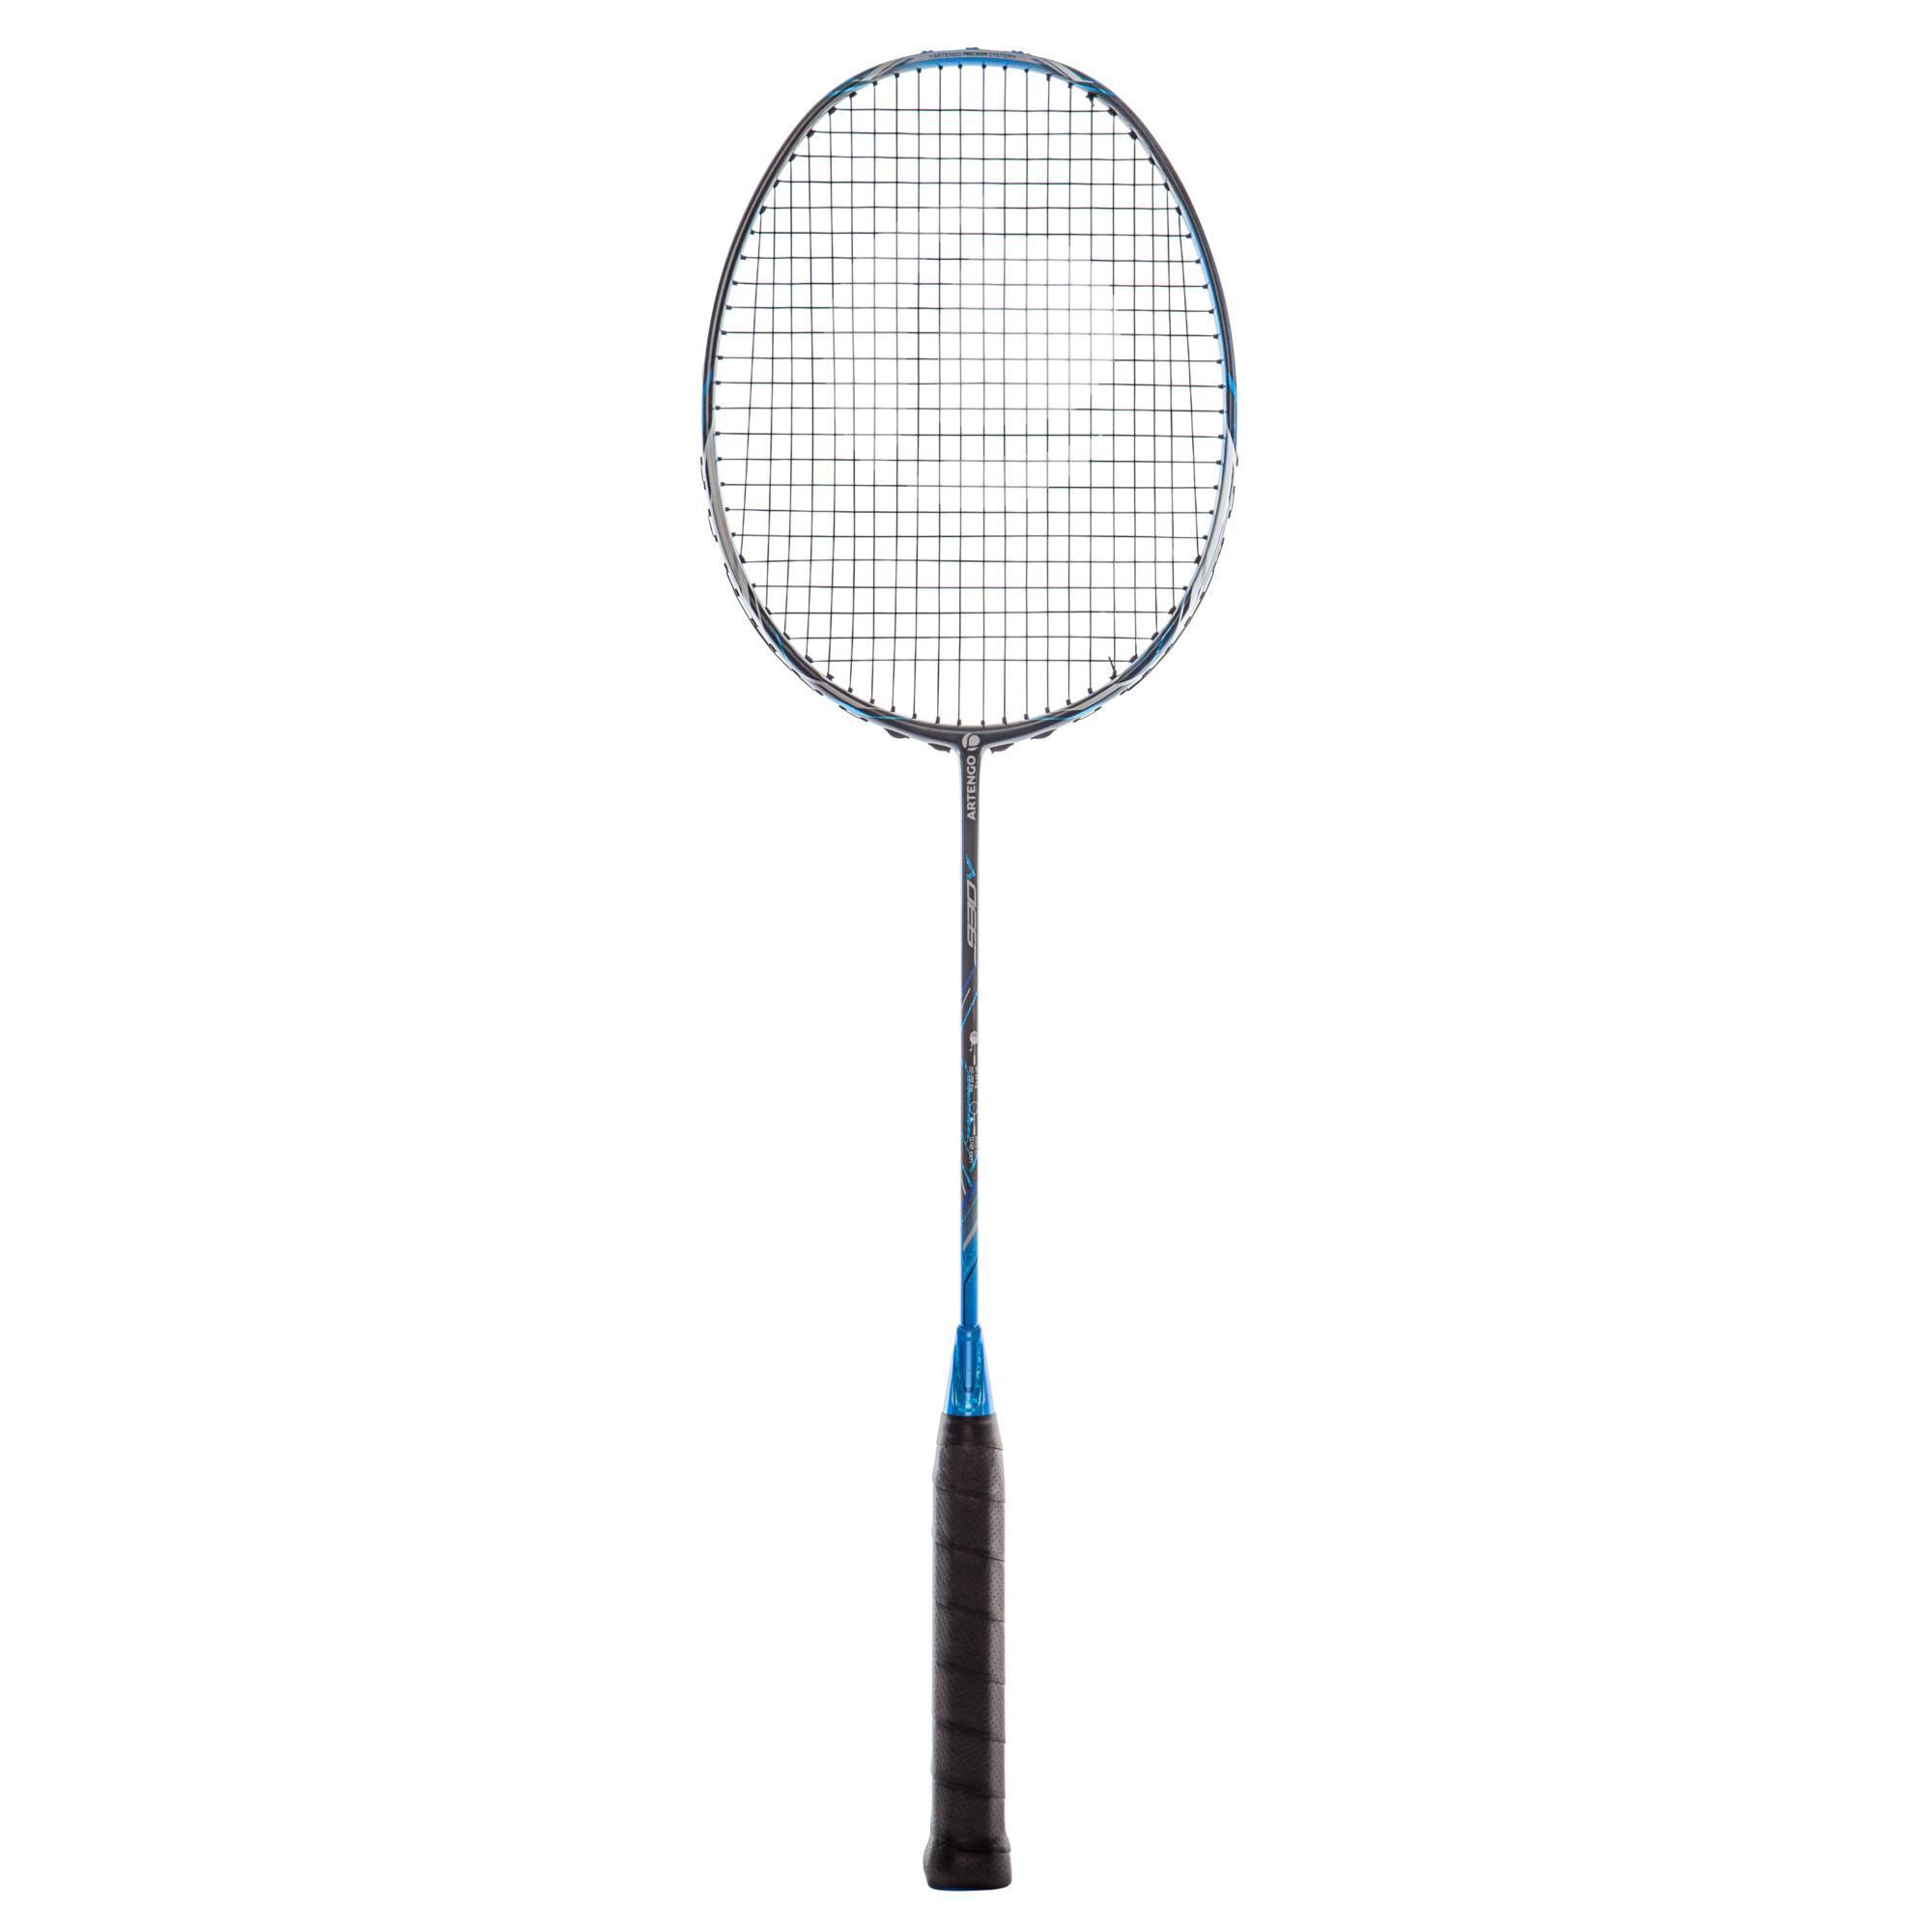 Perfly Badmintonracket voor volwassenen BR 930 V blauw kopen